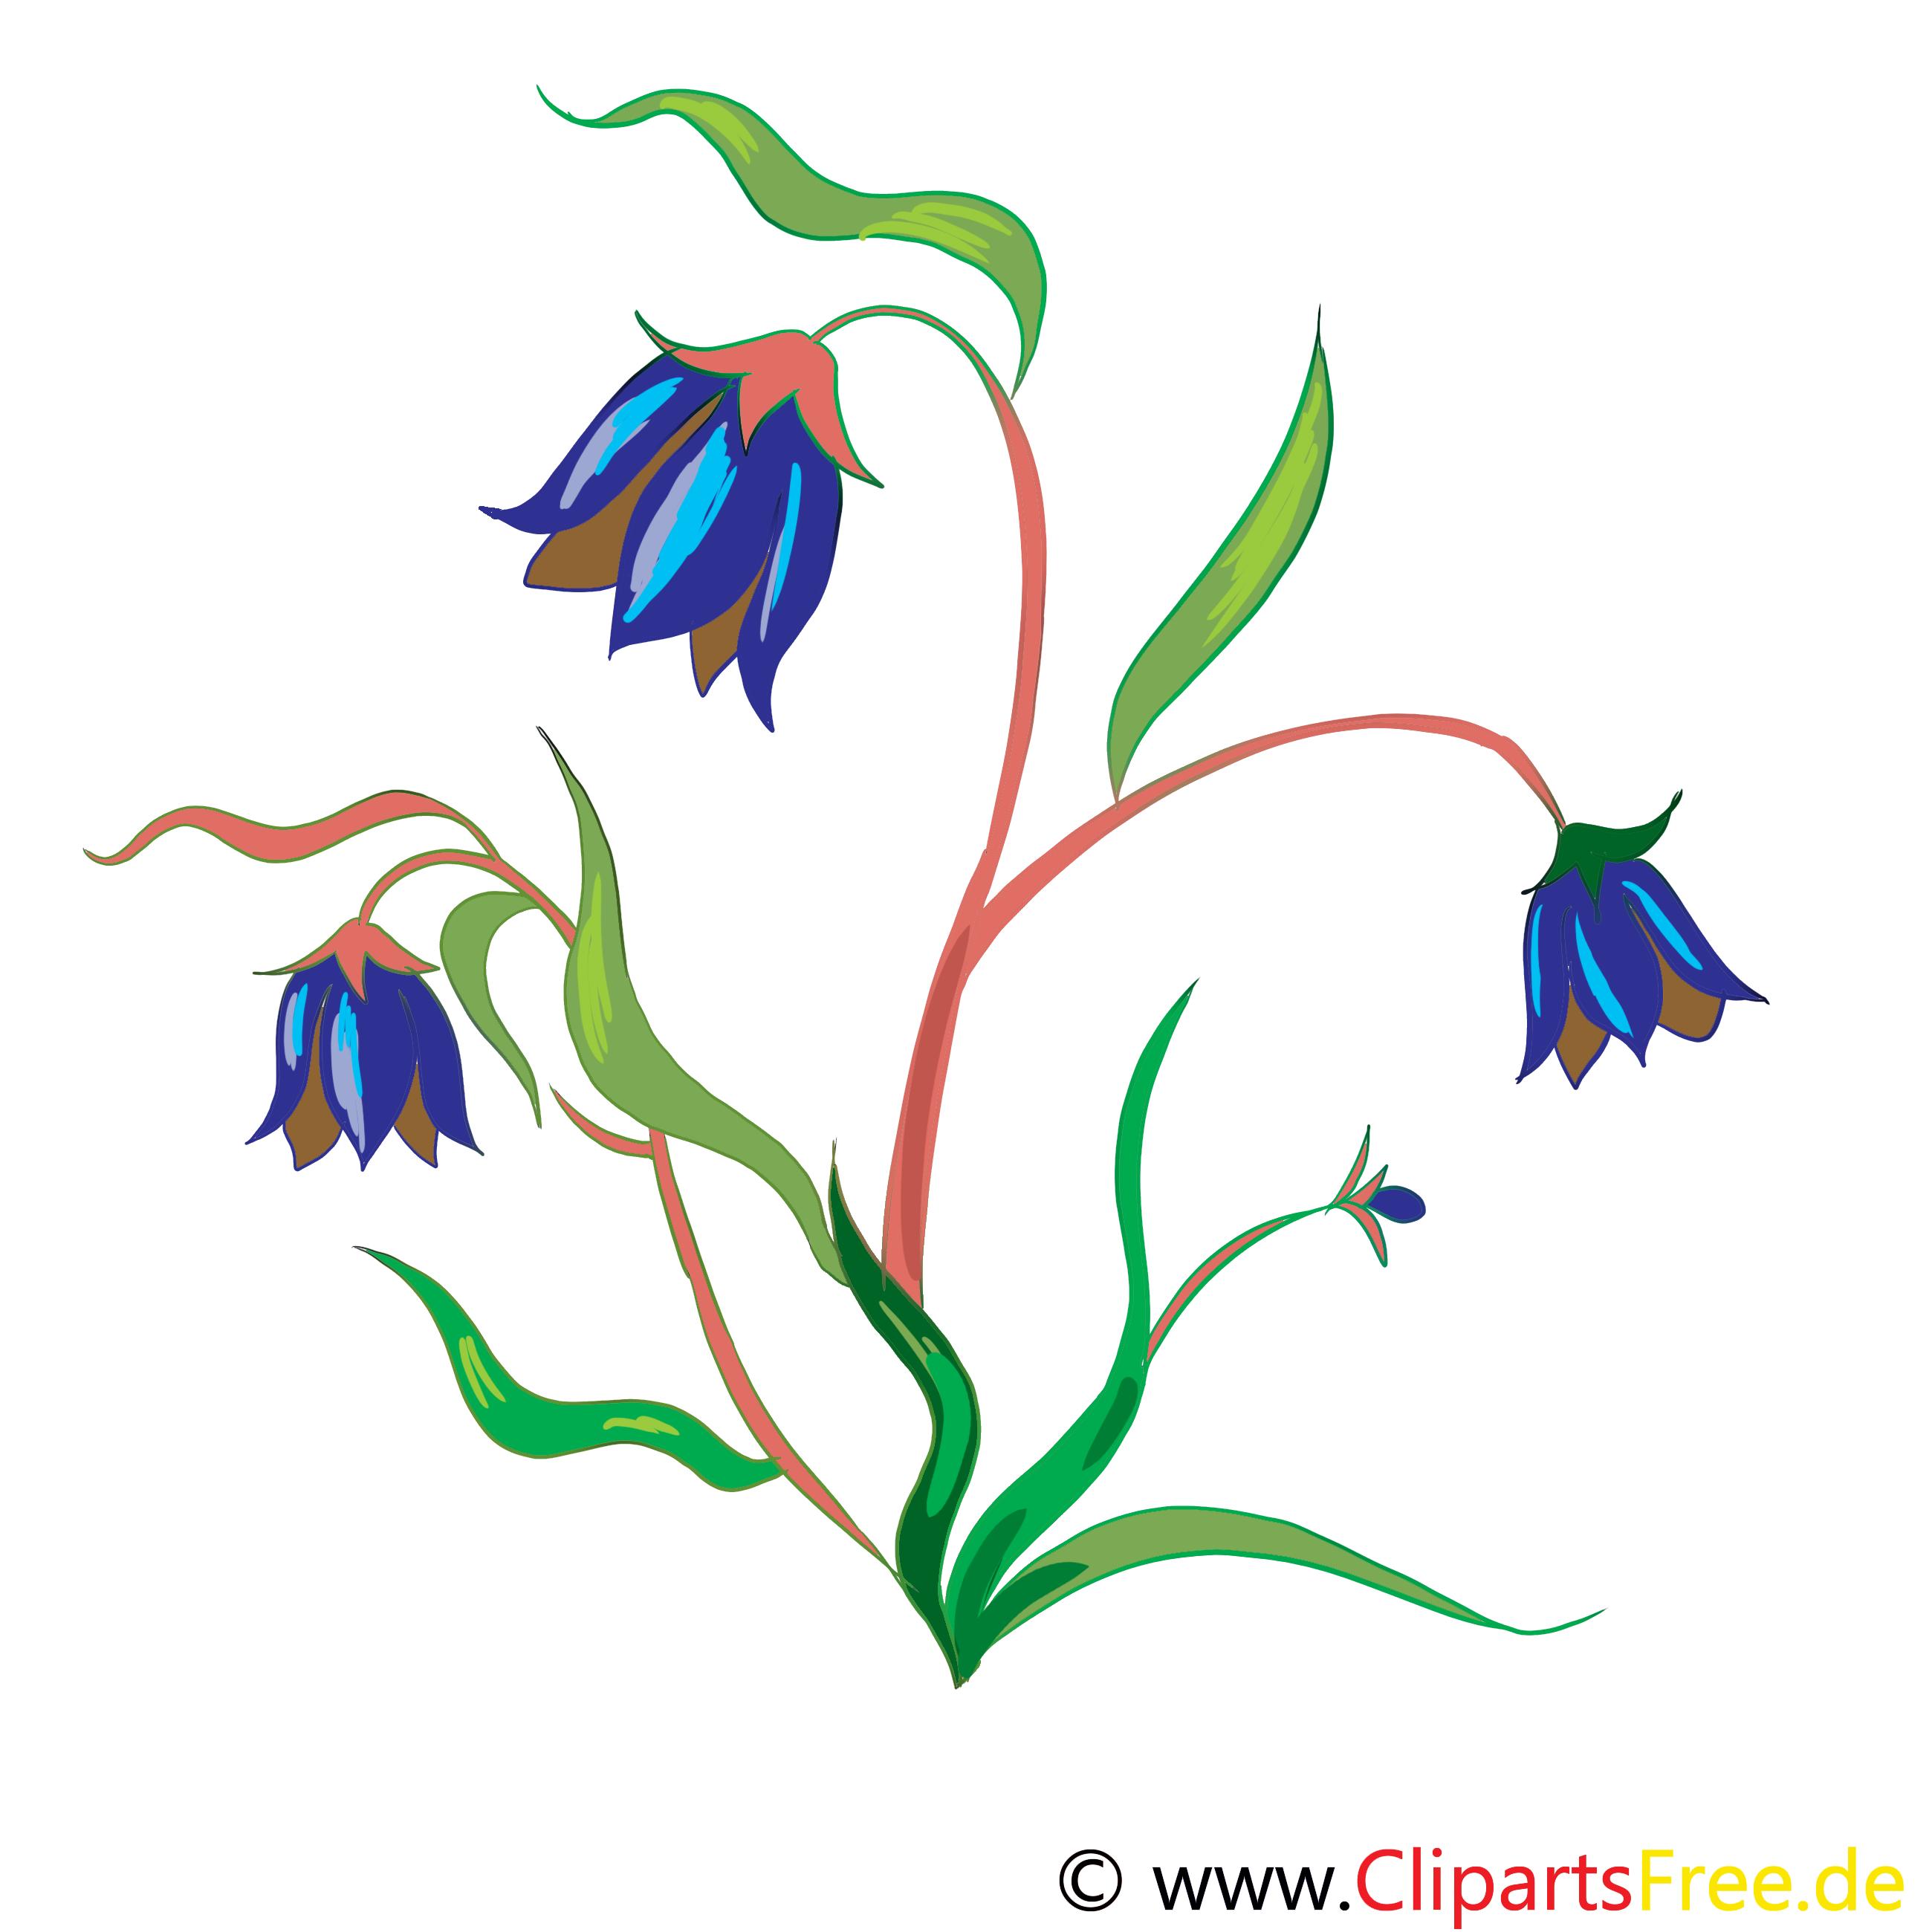 Clochette fleurs image à télécharger gratuite